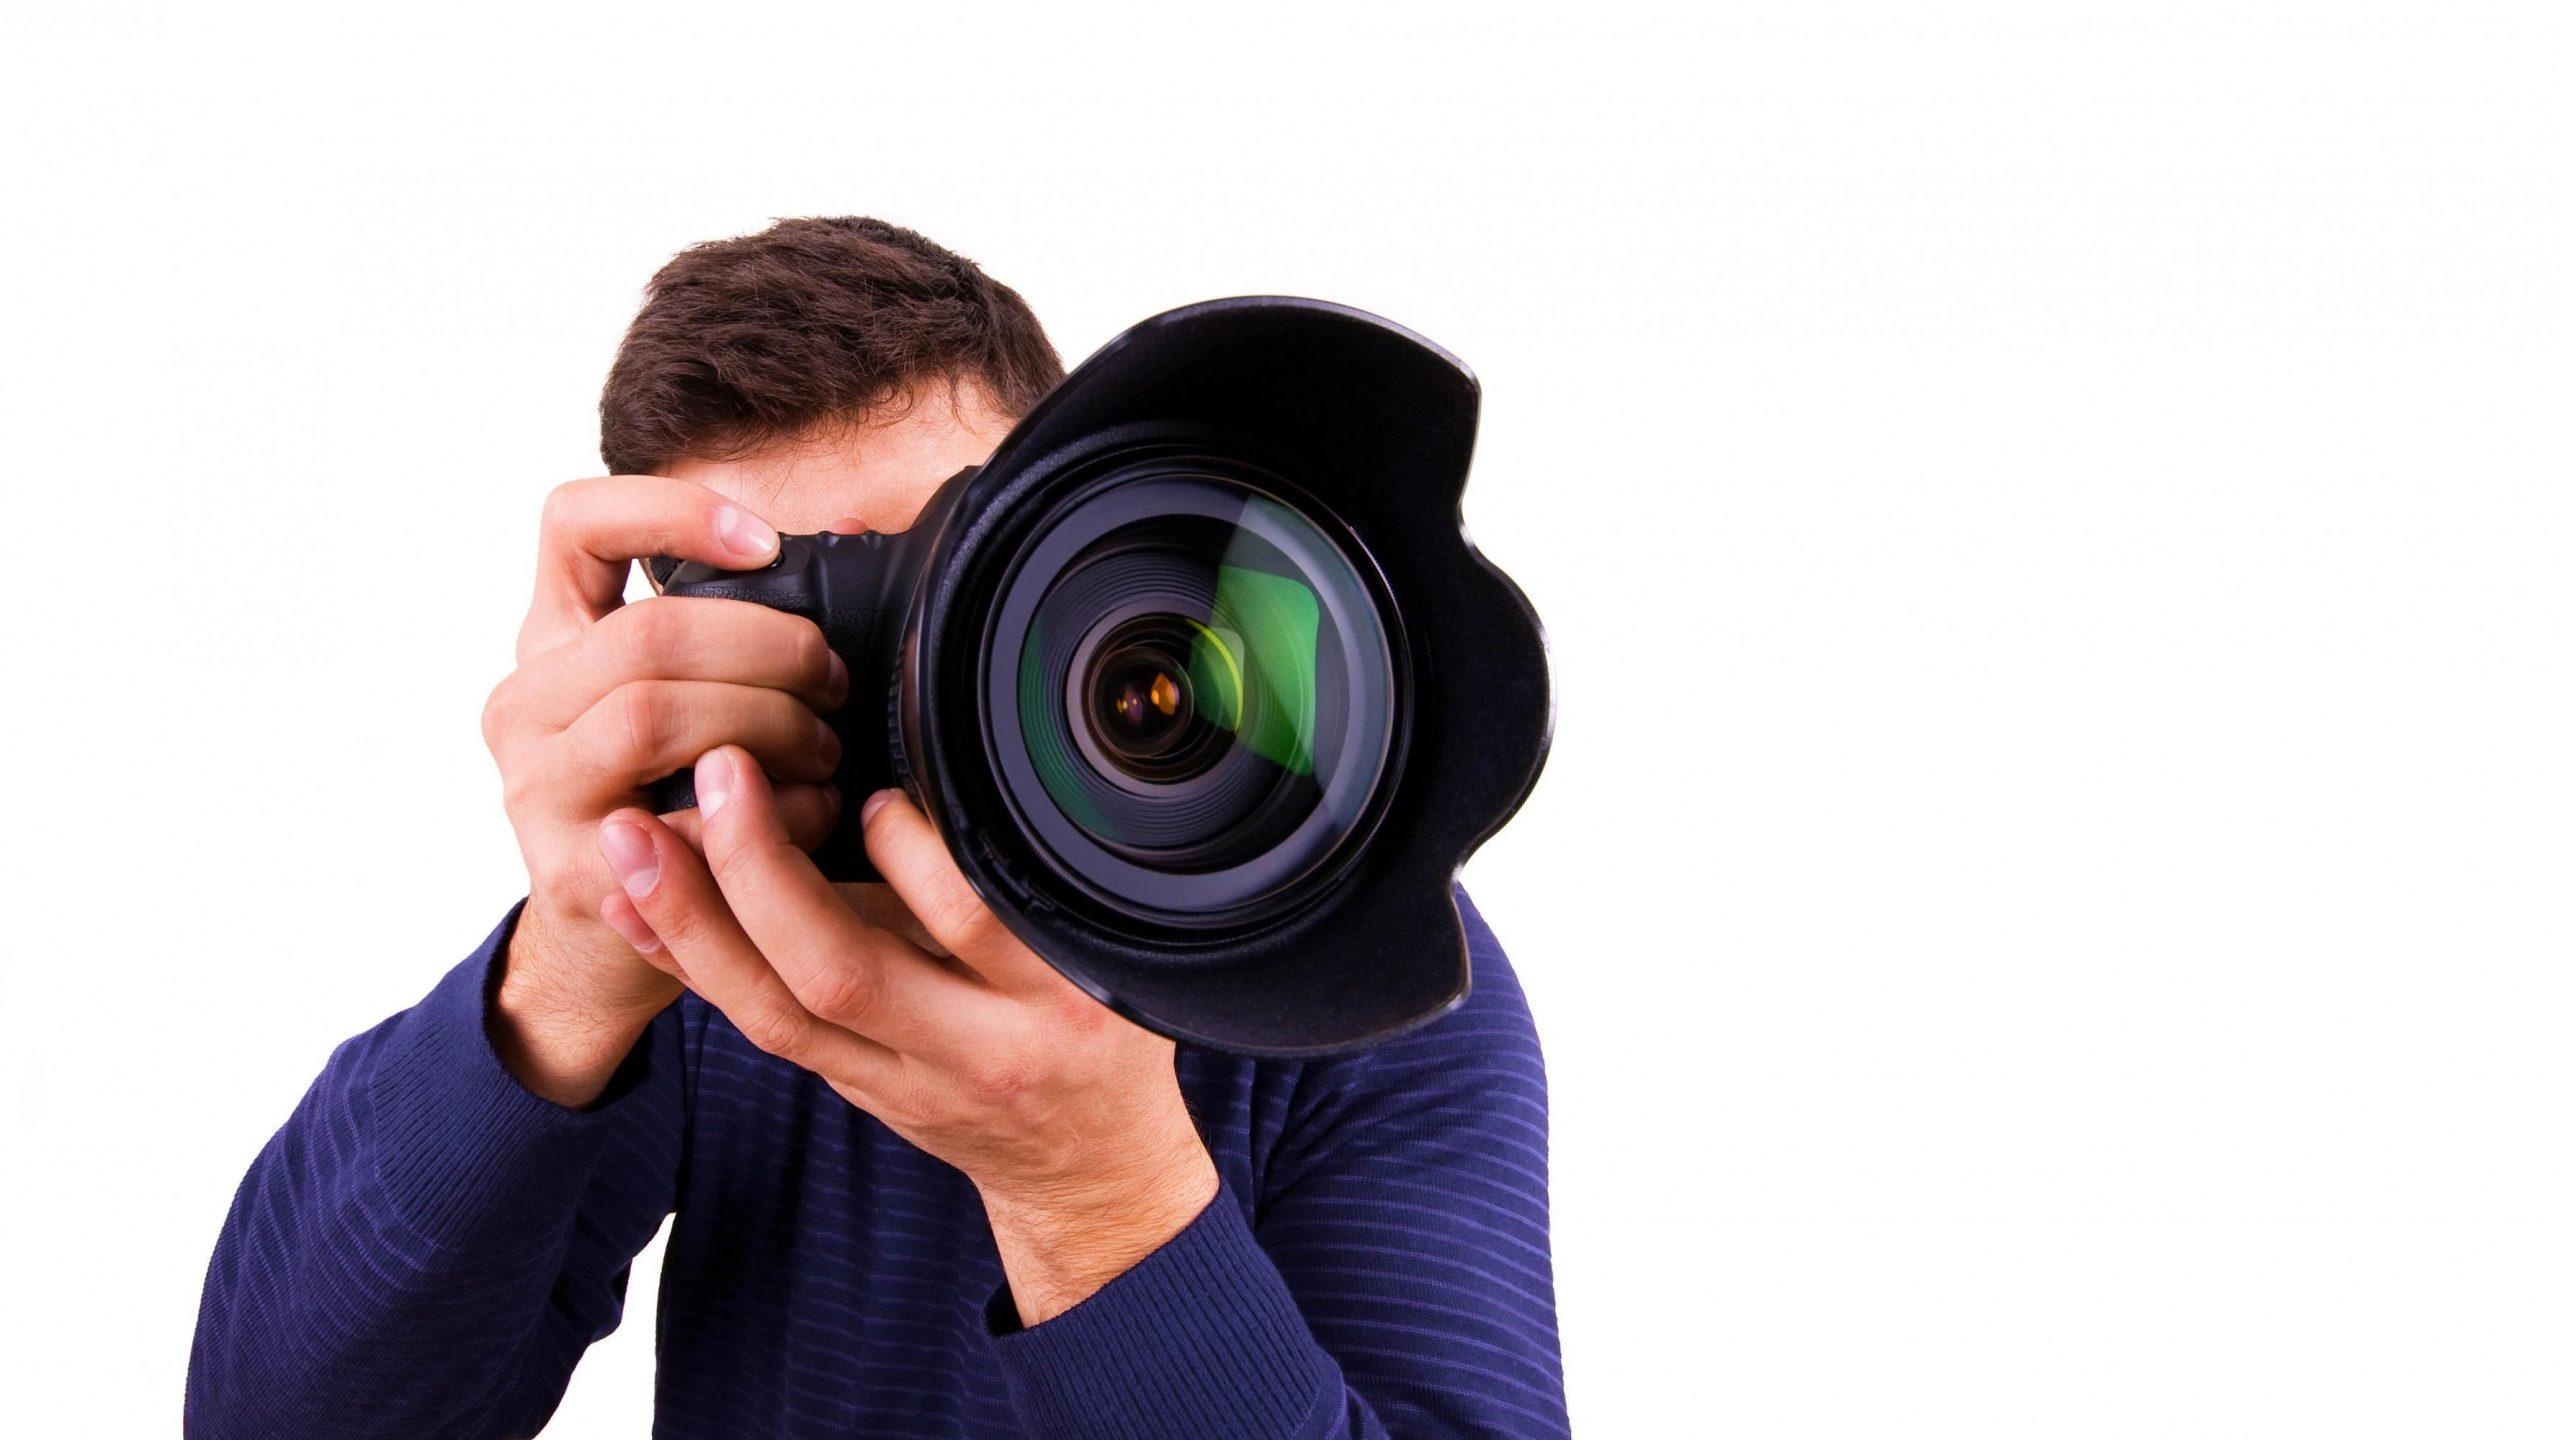 3554x1999 photographer man hands